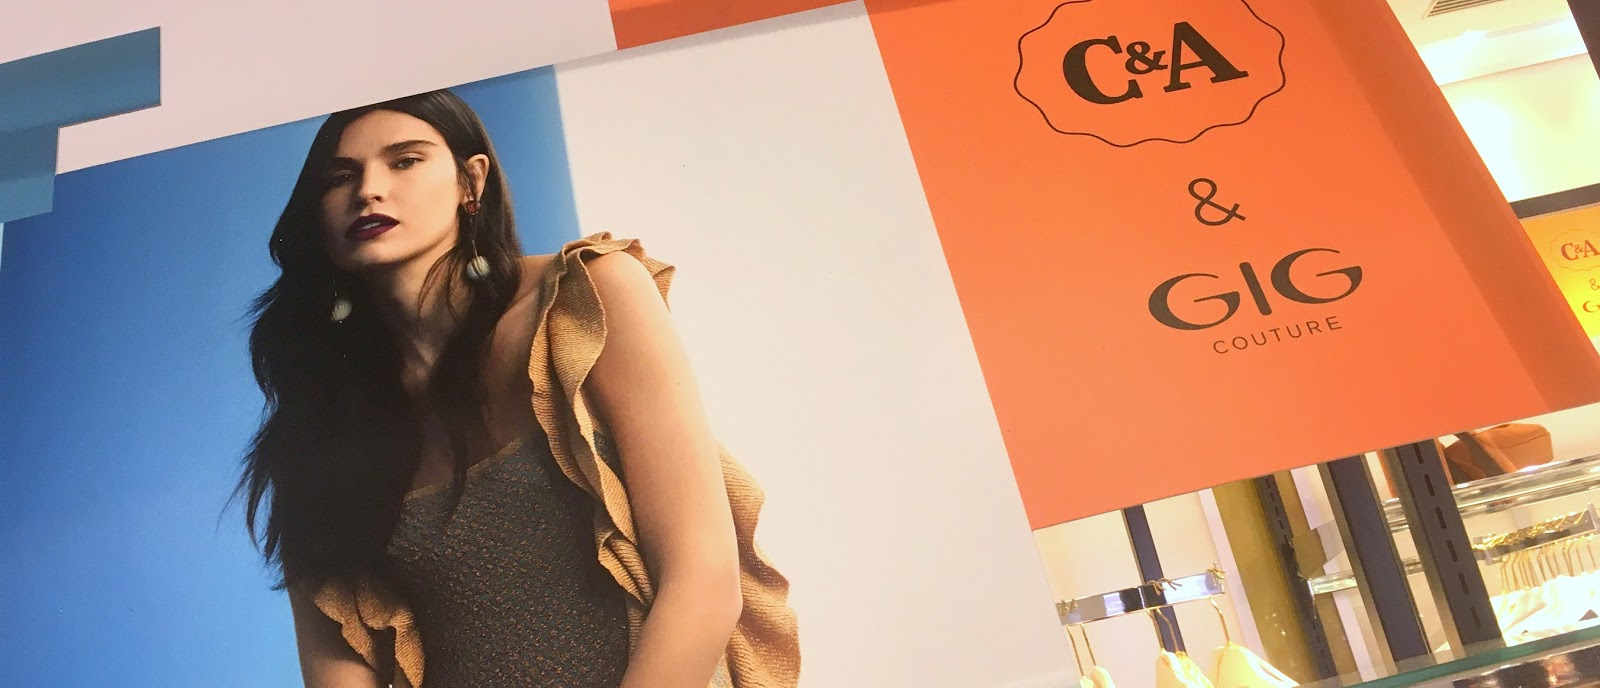 Lançamento coleção C&a e Gig Couture Mktmix Anadodia Ana do dia